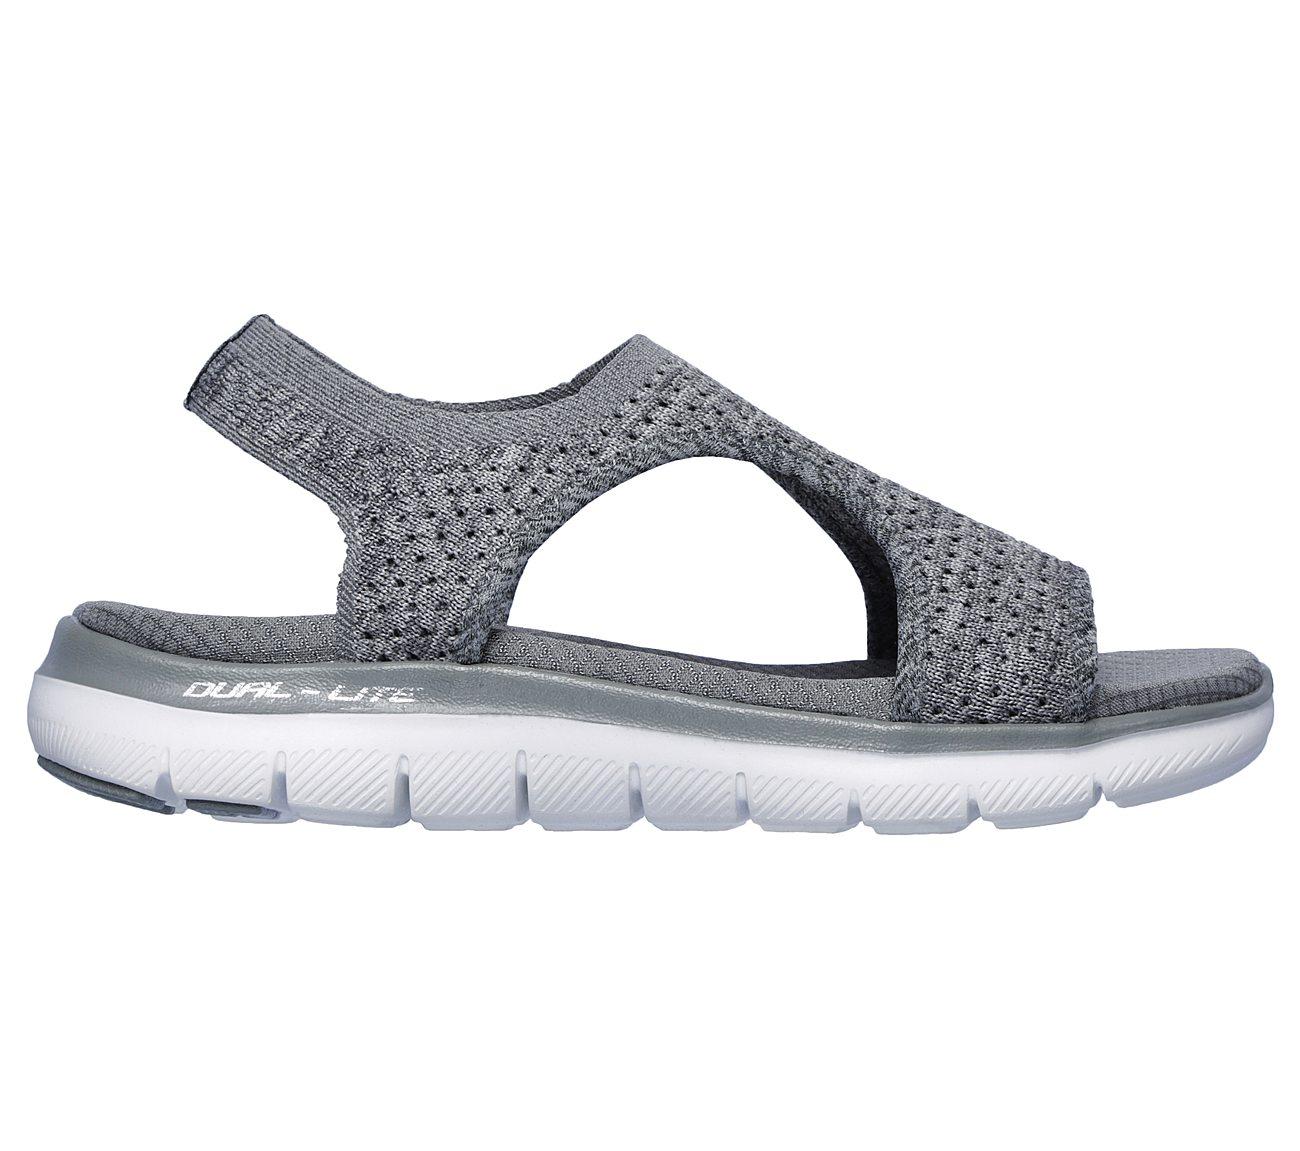 47fbe880a602 Buy SKECHERS Flex Appeal 2.0 - Deja Vu Cali Shoes only  55.00